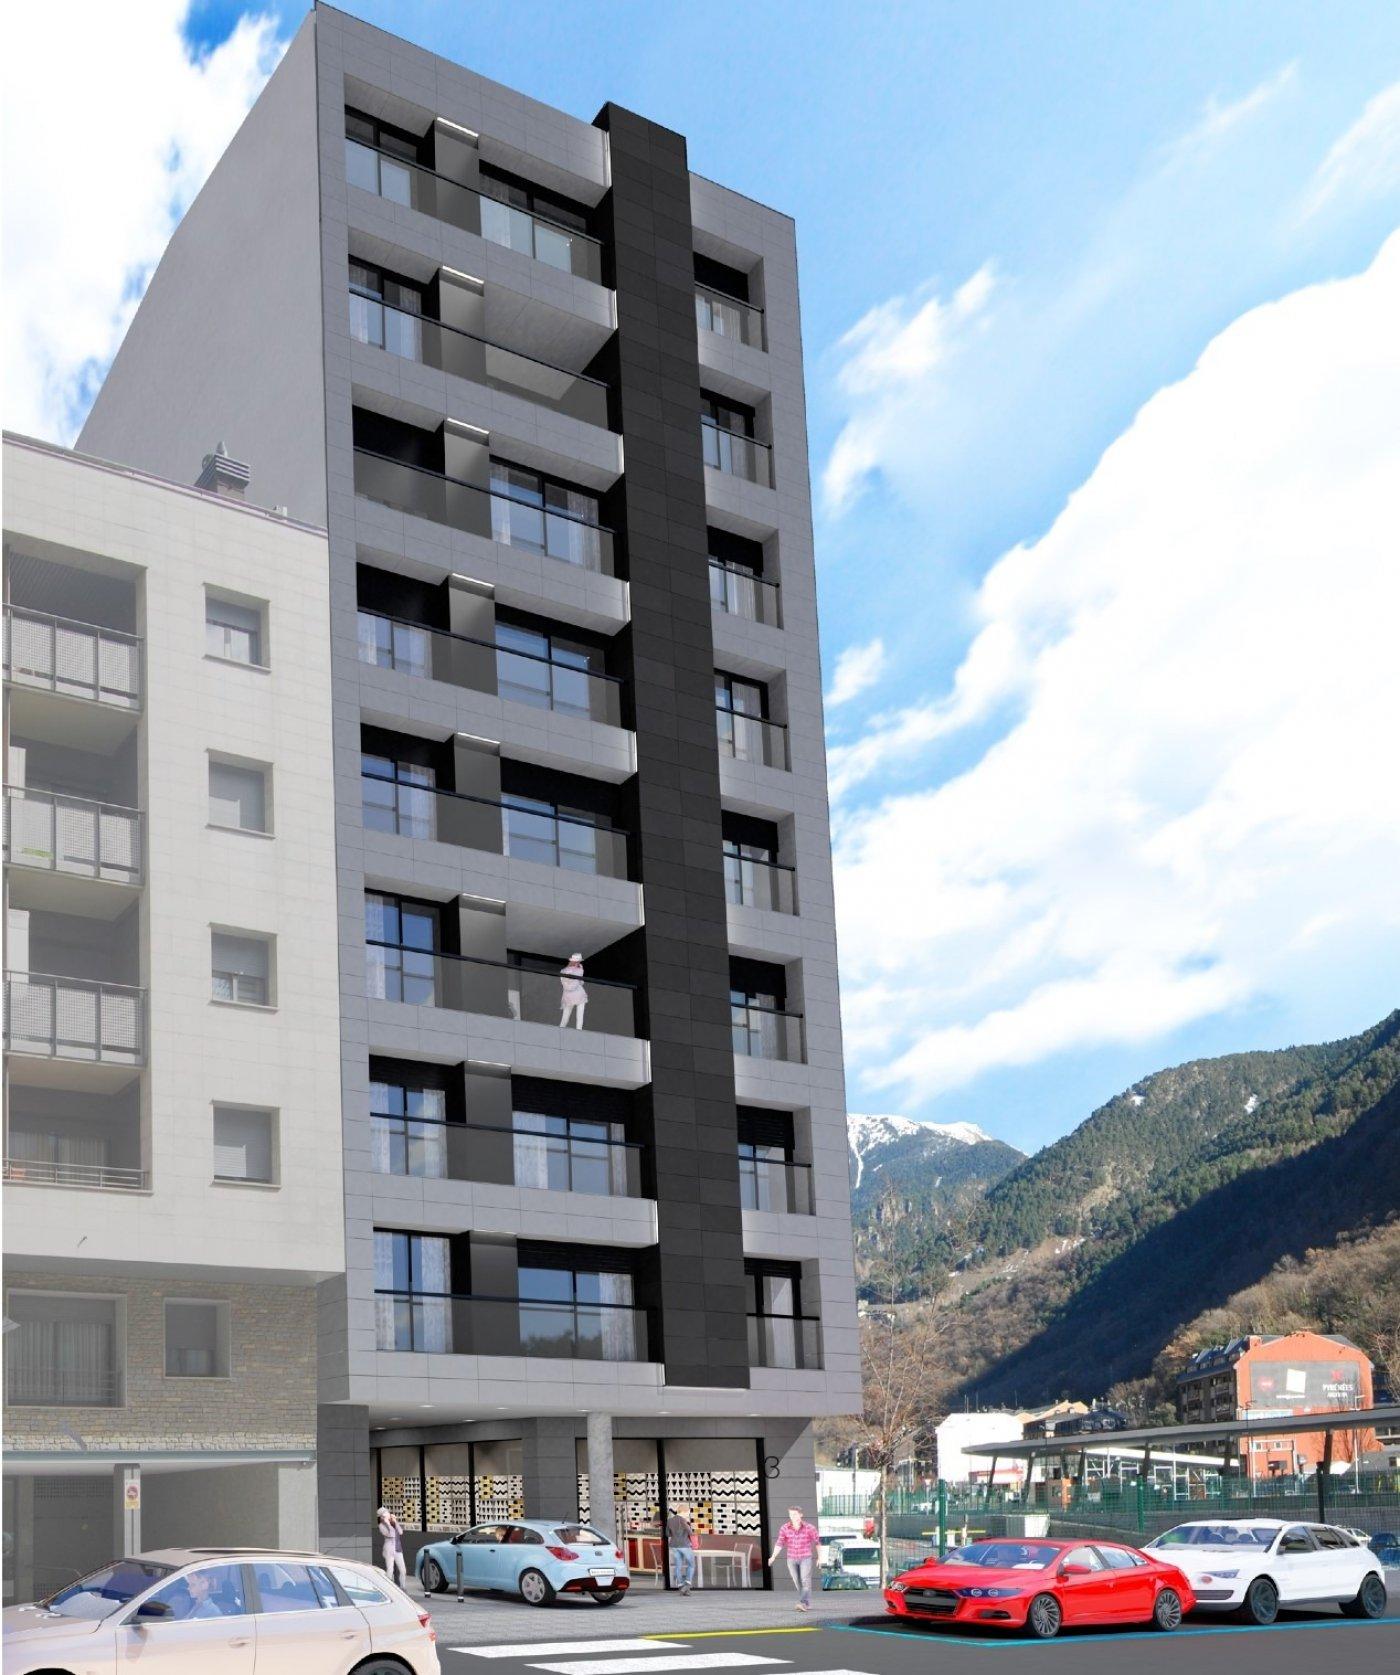 appartement en andorra-la-vella · andorra-la-vella 0€